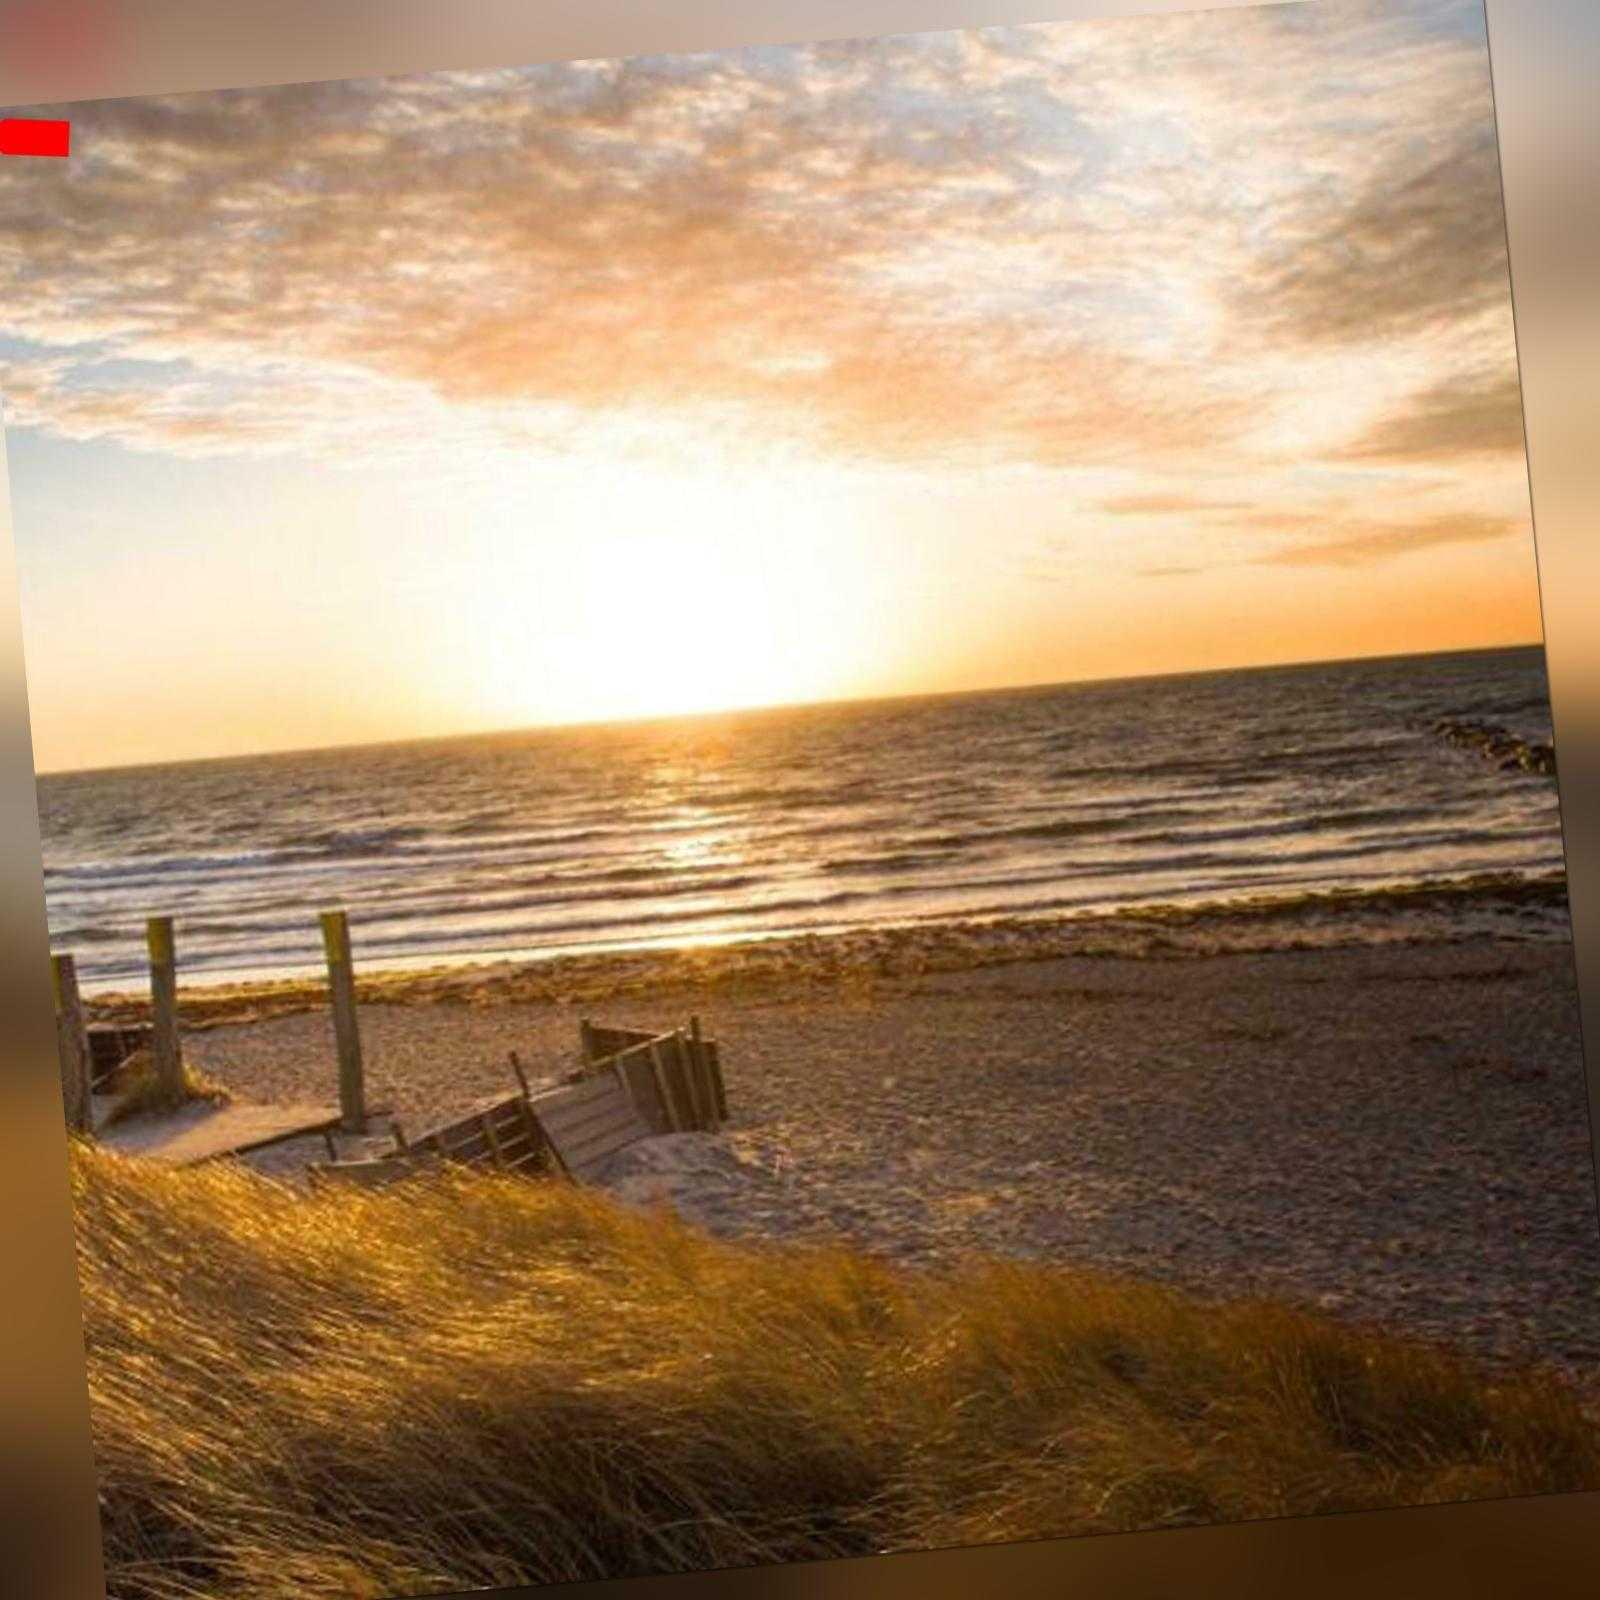 Ostsee Fehmarn Kurzurlaub 4 Sterne Strandhotel für 2 Personen Gutschein 2 Nächte